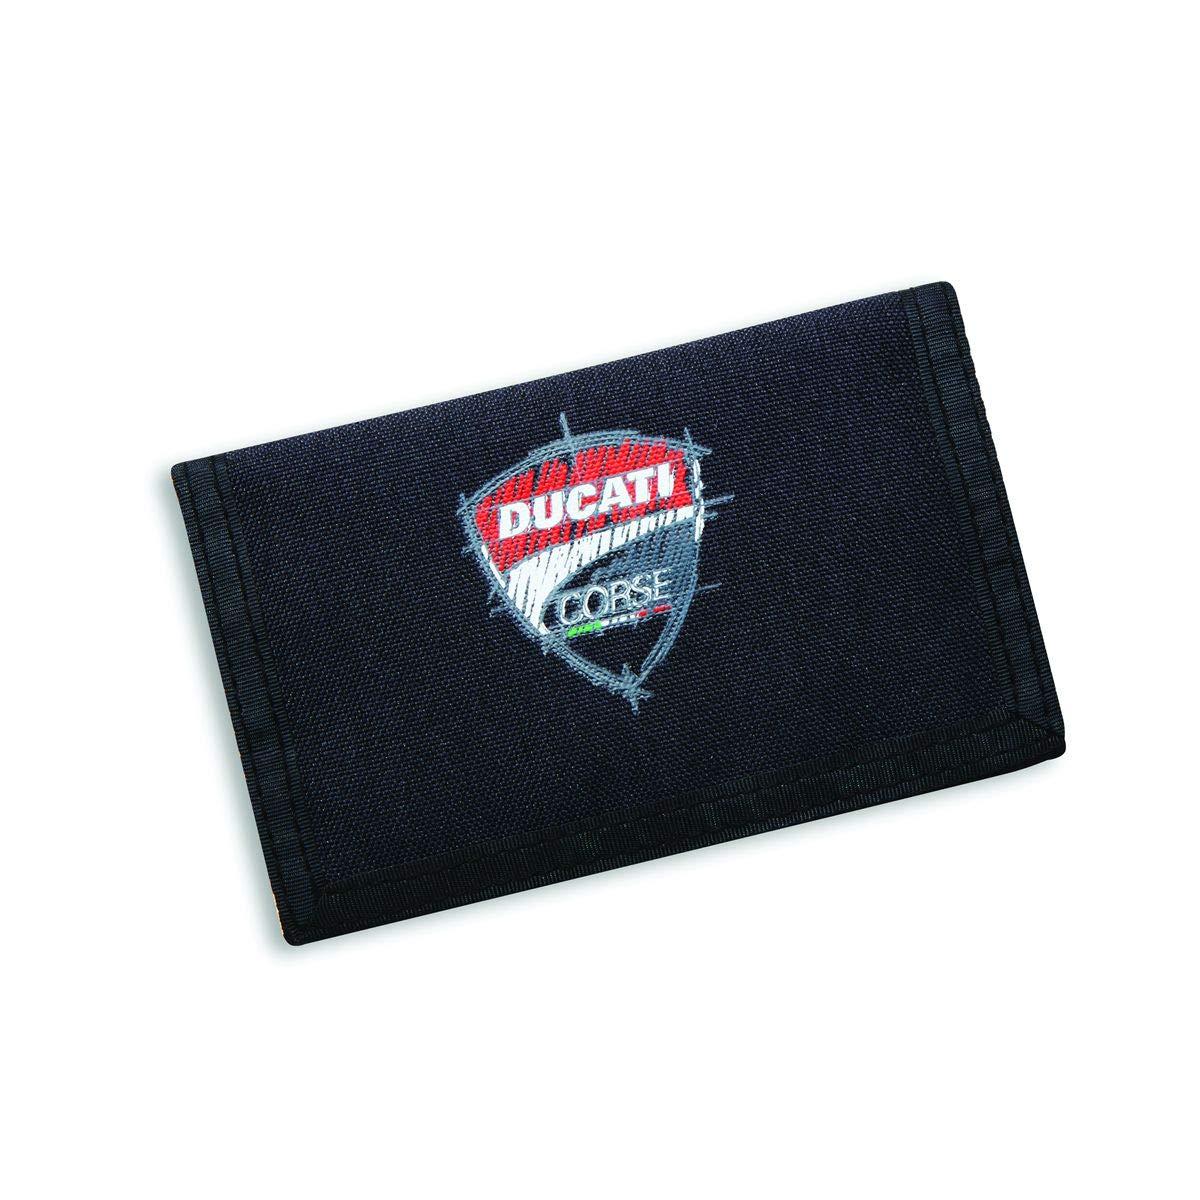 Hermosas billeteras para lucirhttps://amzn.to/2DipGTm